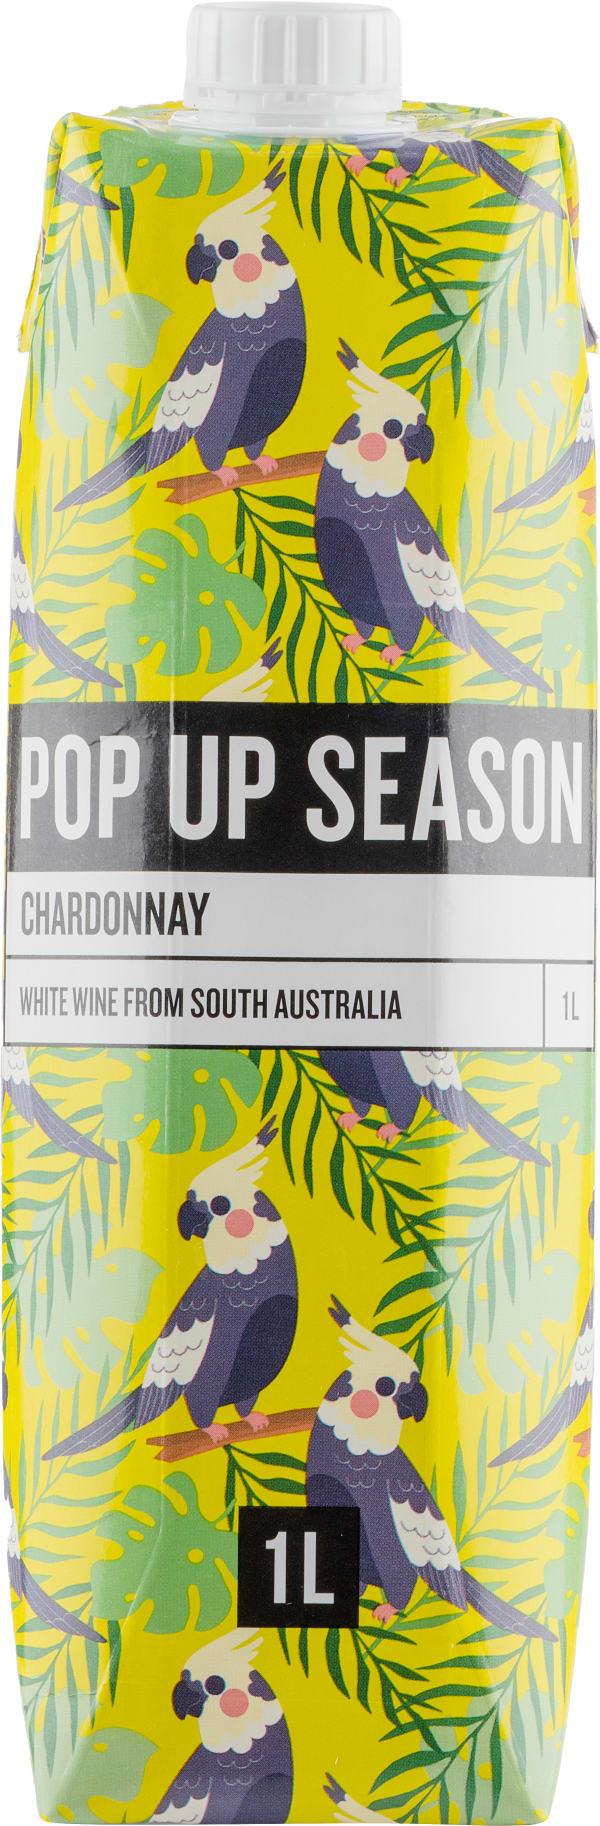 Pop Up Season Chardonnay 2018 kartongförpackning